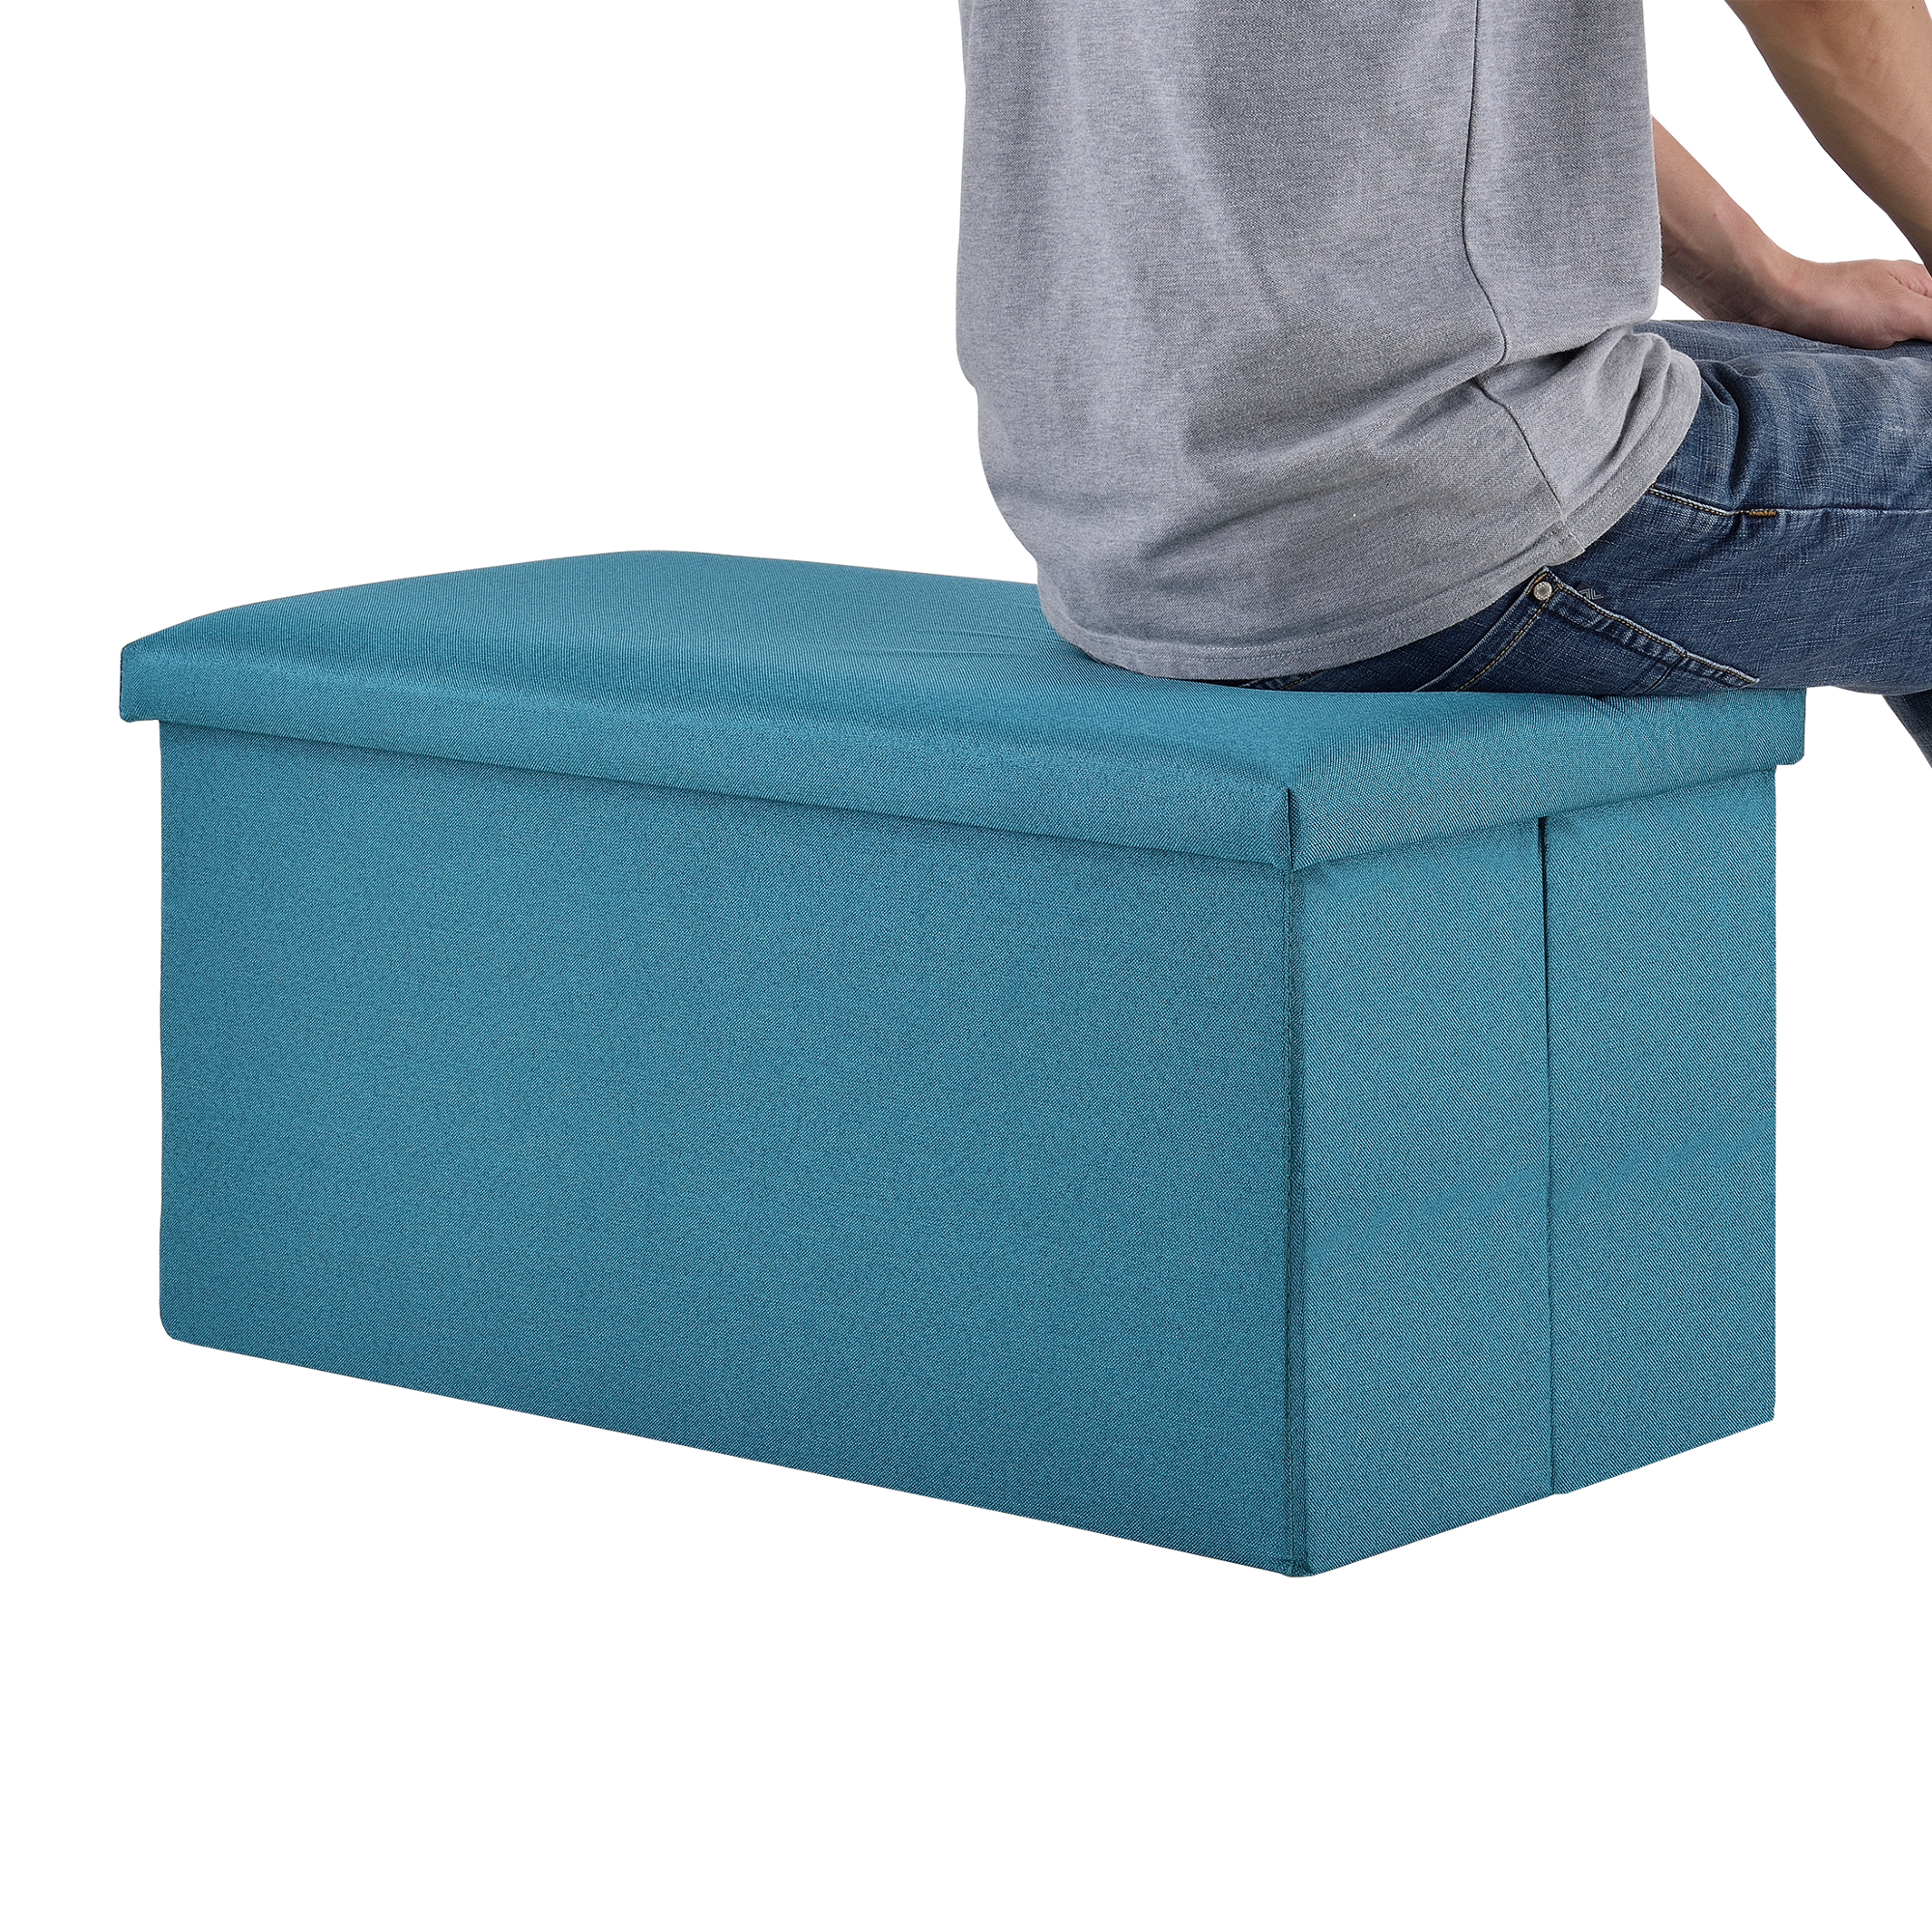 En Casa Ottoman Seat Chest 76x38x38cm Folding Box